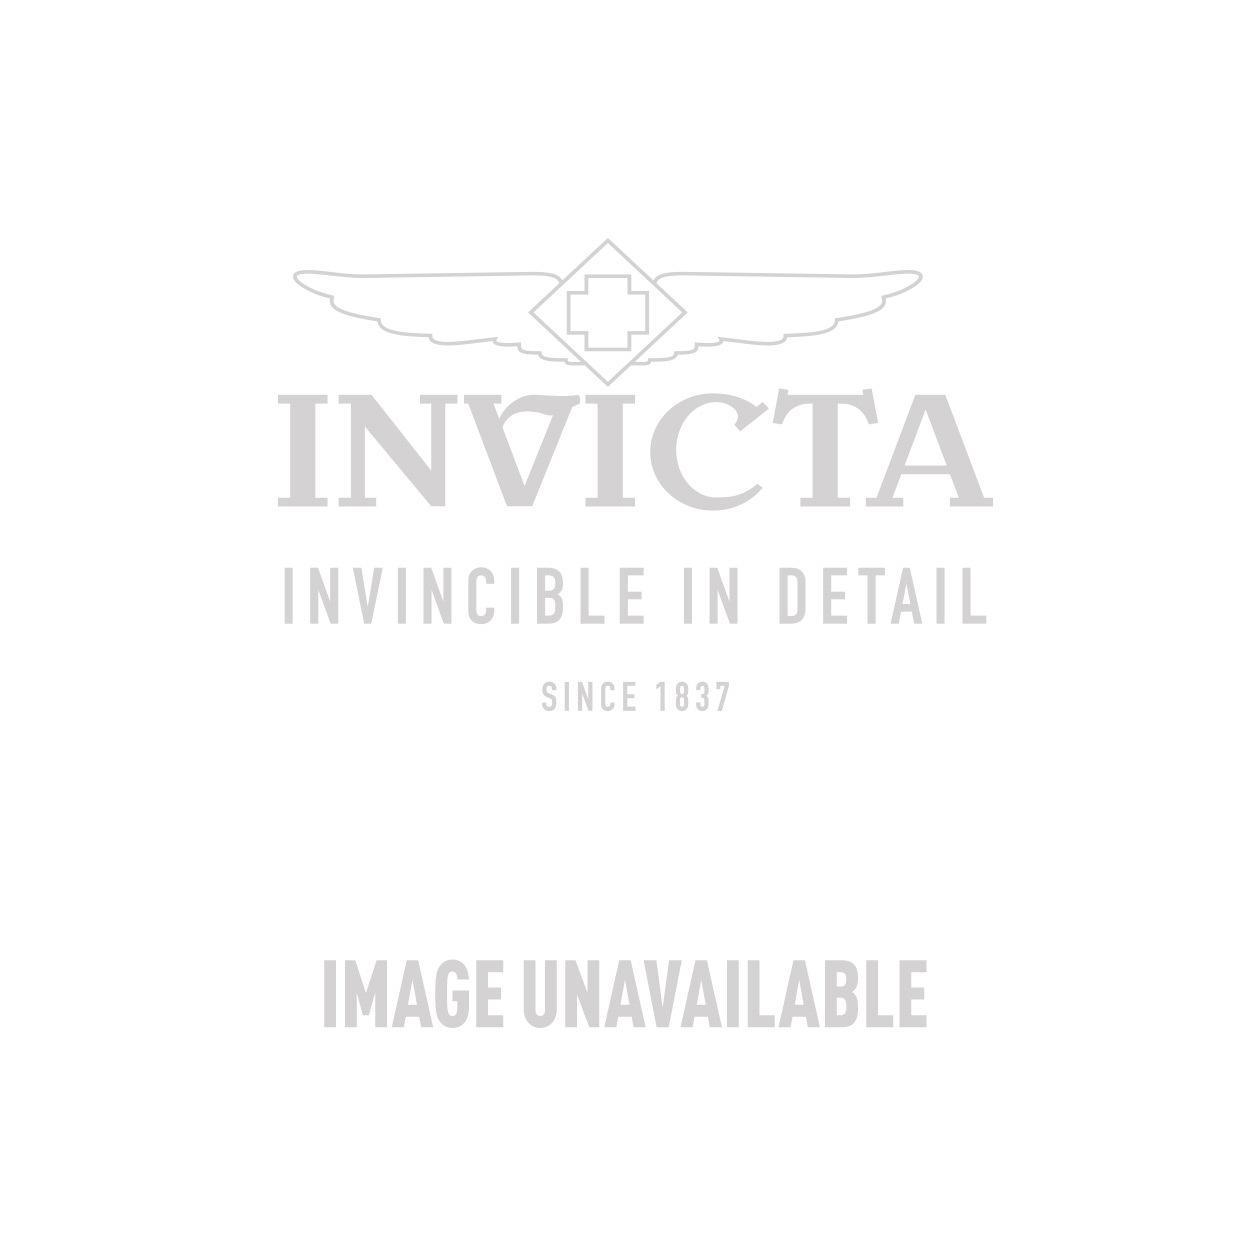 Invicta Model 24824